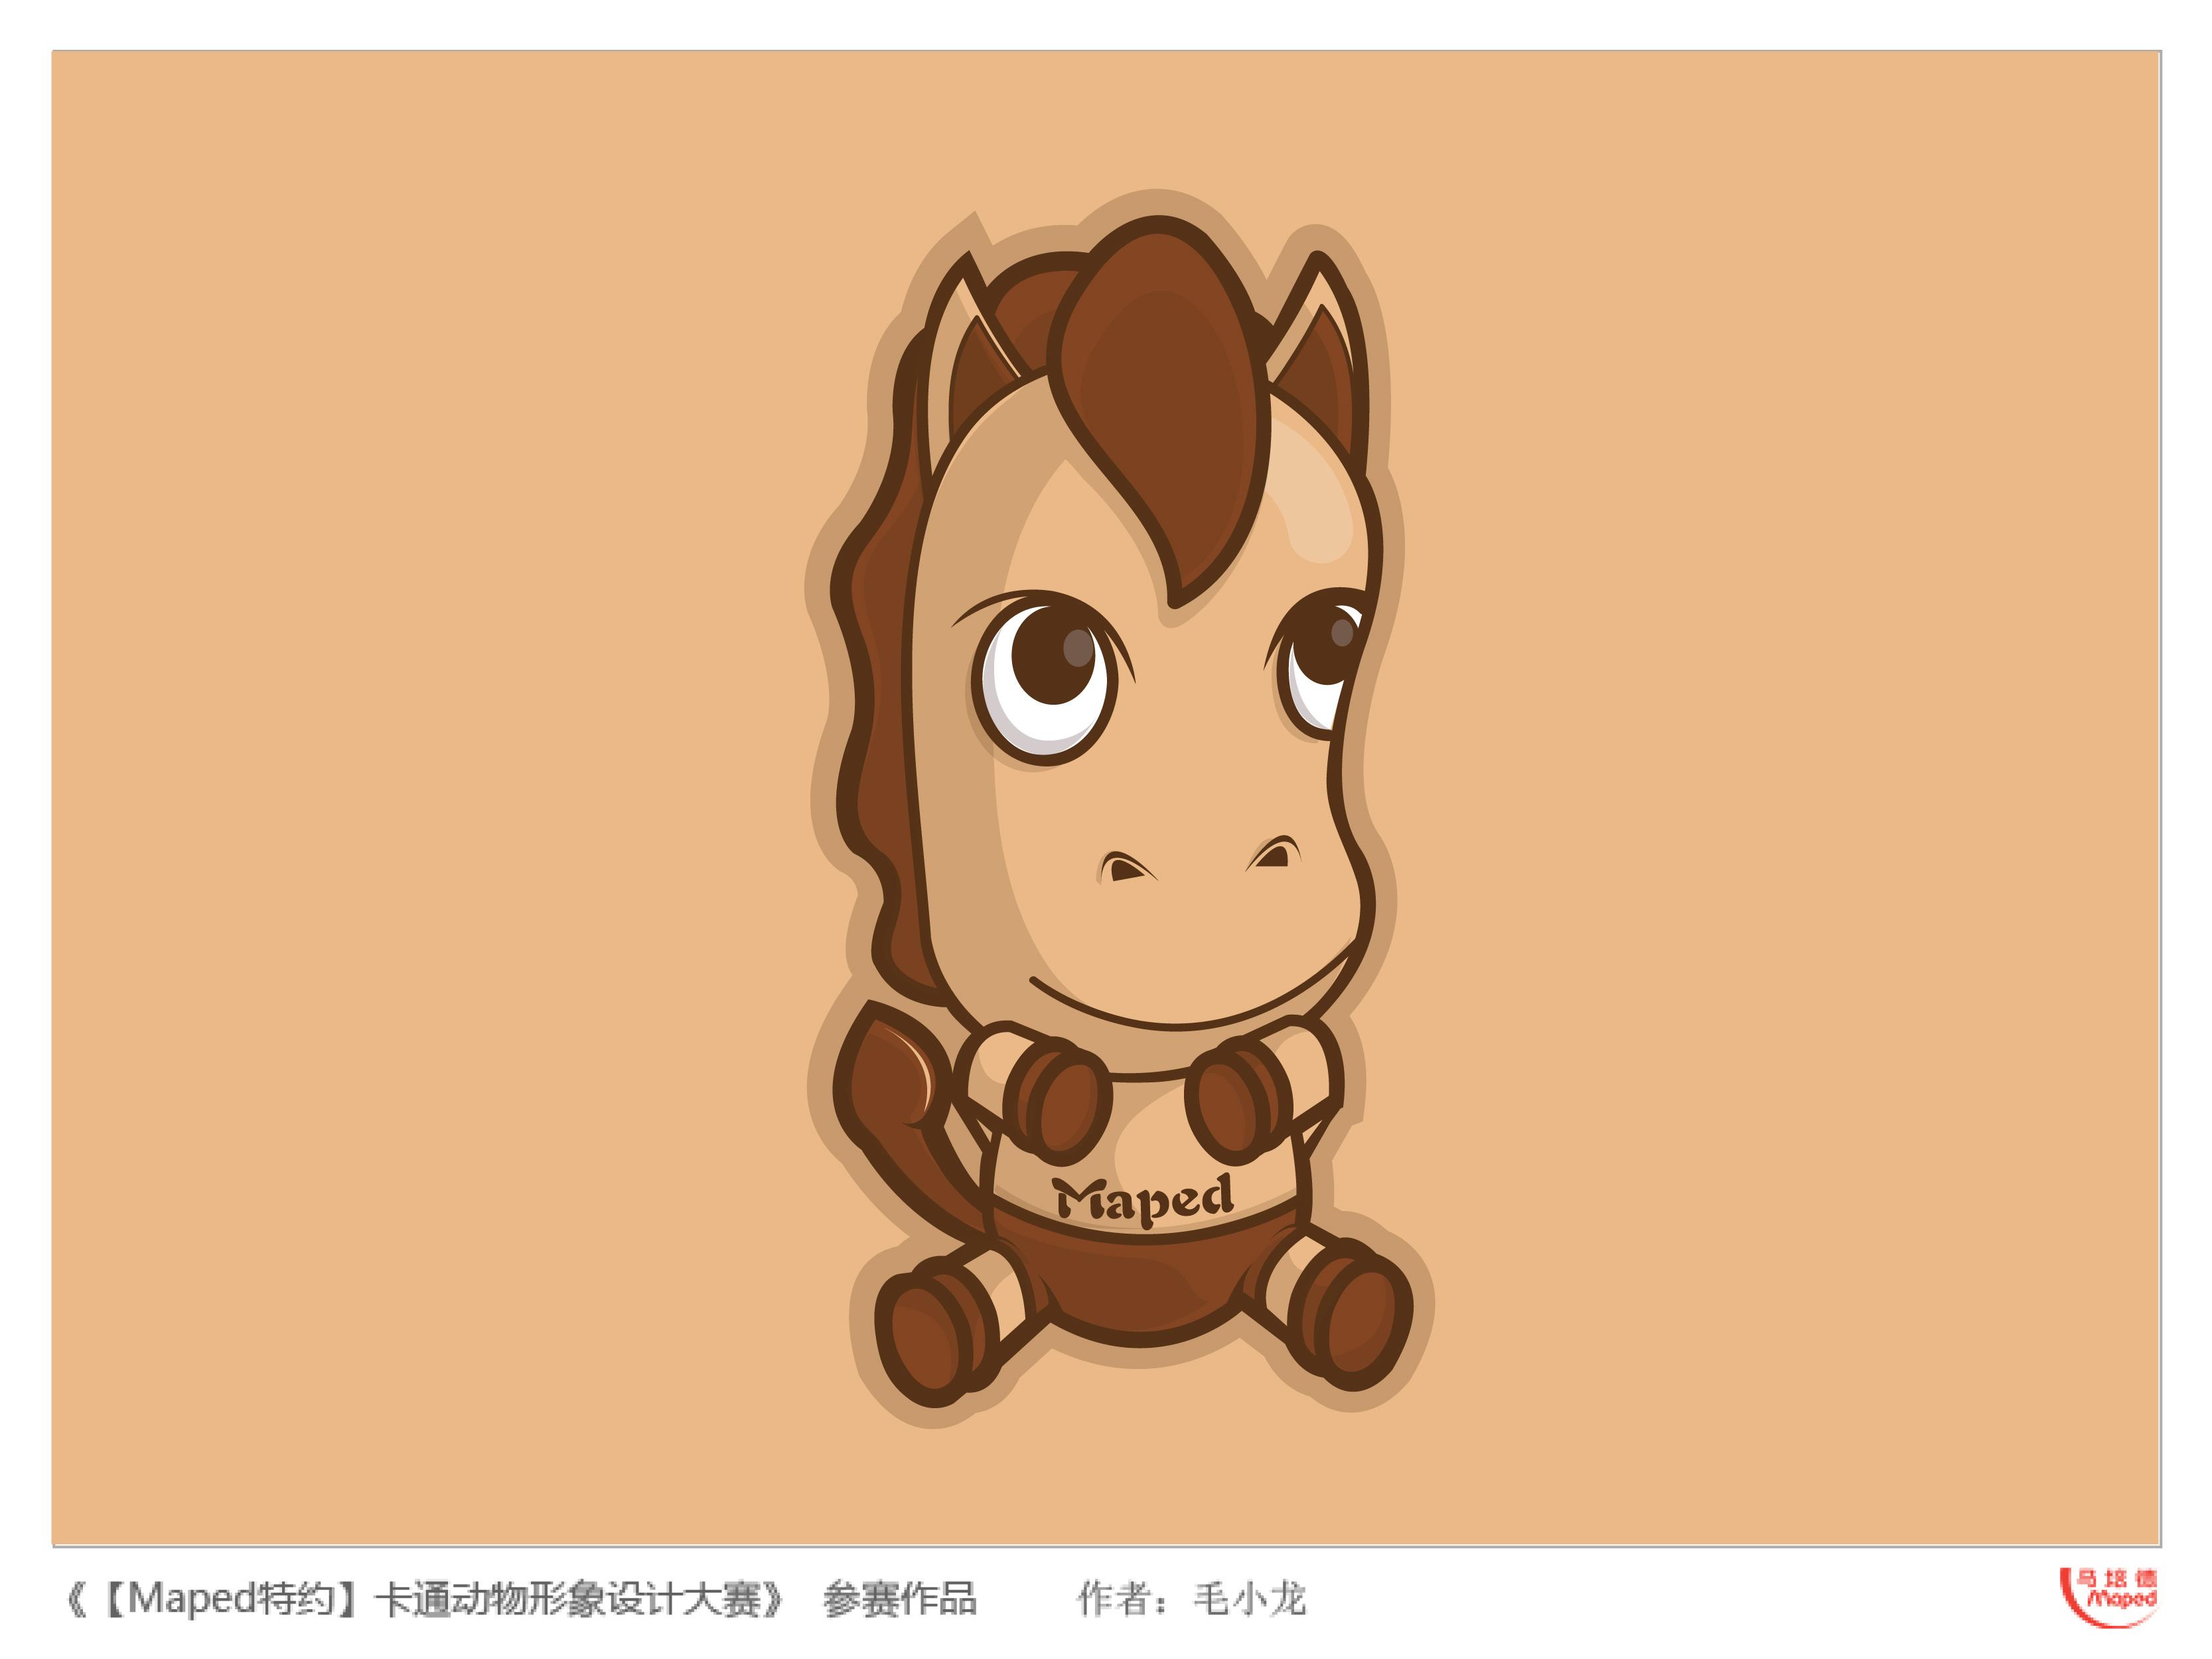 小胖马 图片